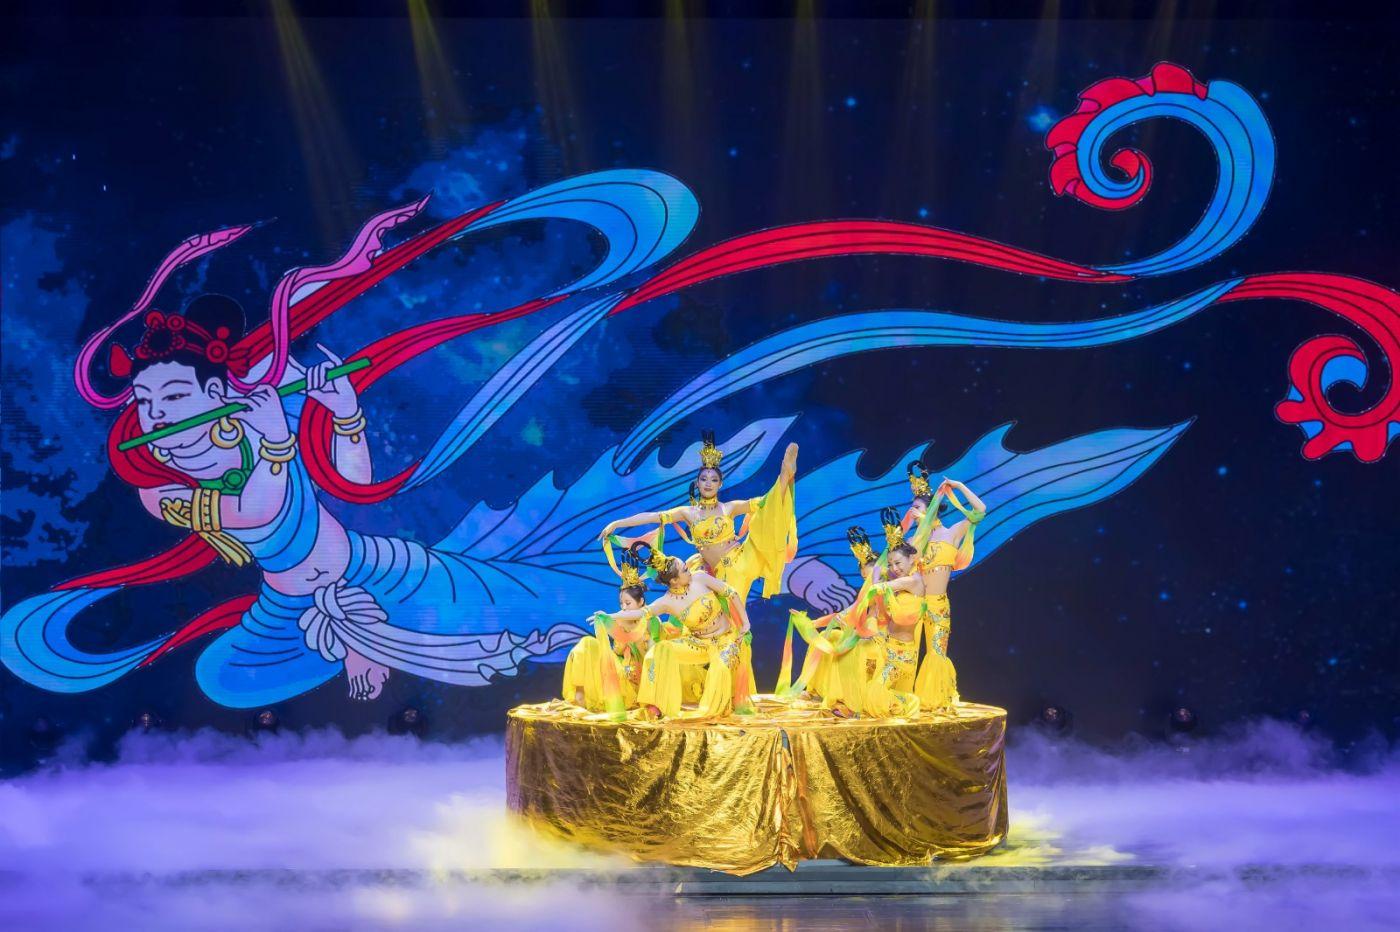 沂蒙大地上 有一种舞蹈叫飞天 这是几位临沂女孩的杰作 美轮美奂 ..._图1-59